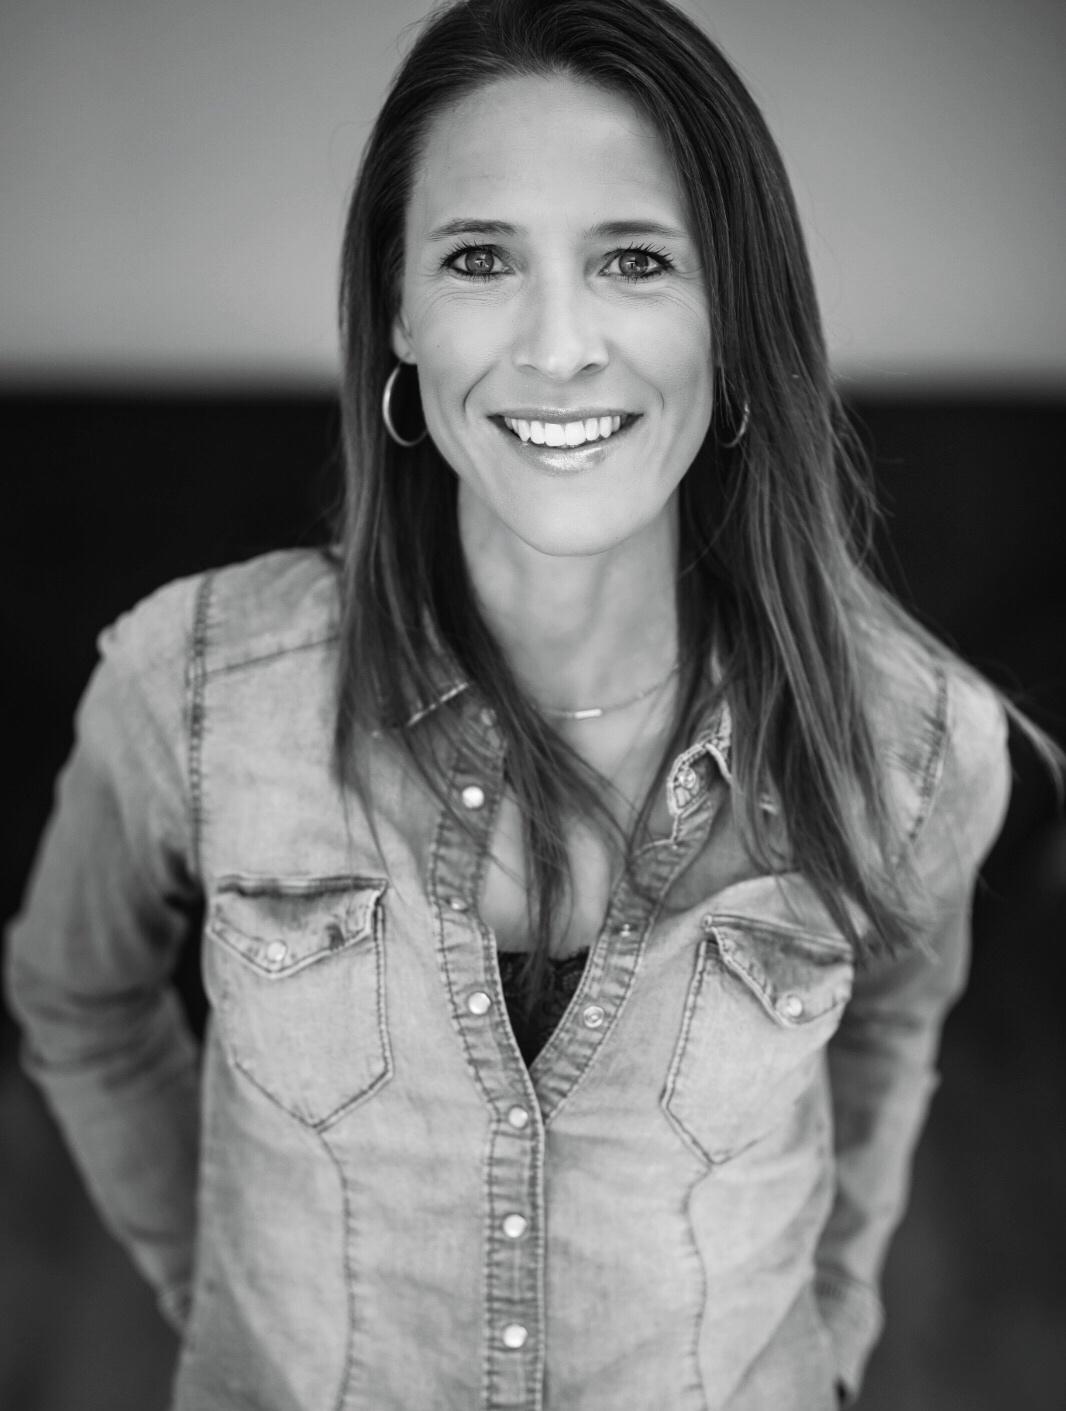 Anna West - Founder of Sleep2perform